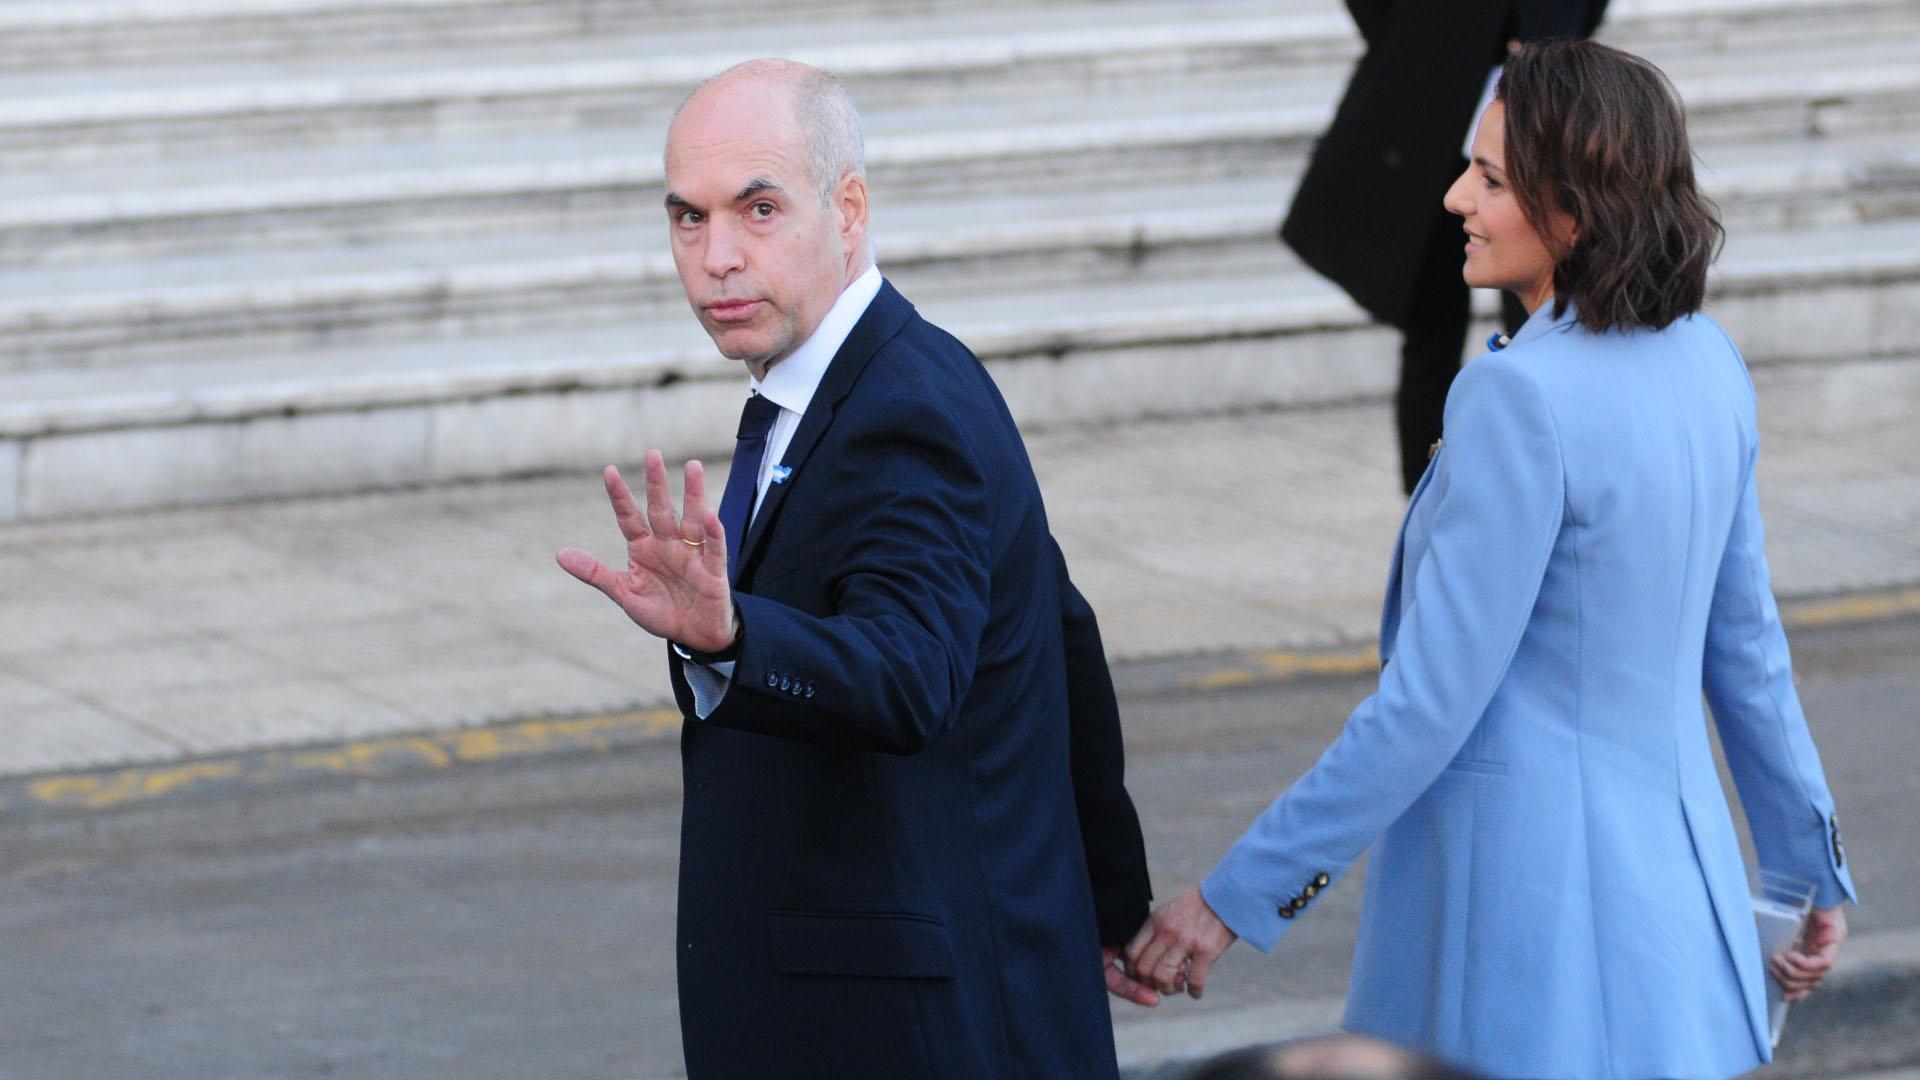 El jefe de Gobierno porteño Horacio Rodríguez Larreta y su esposa Bárbara Diez